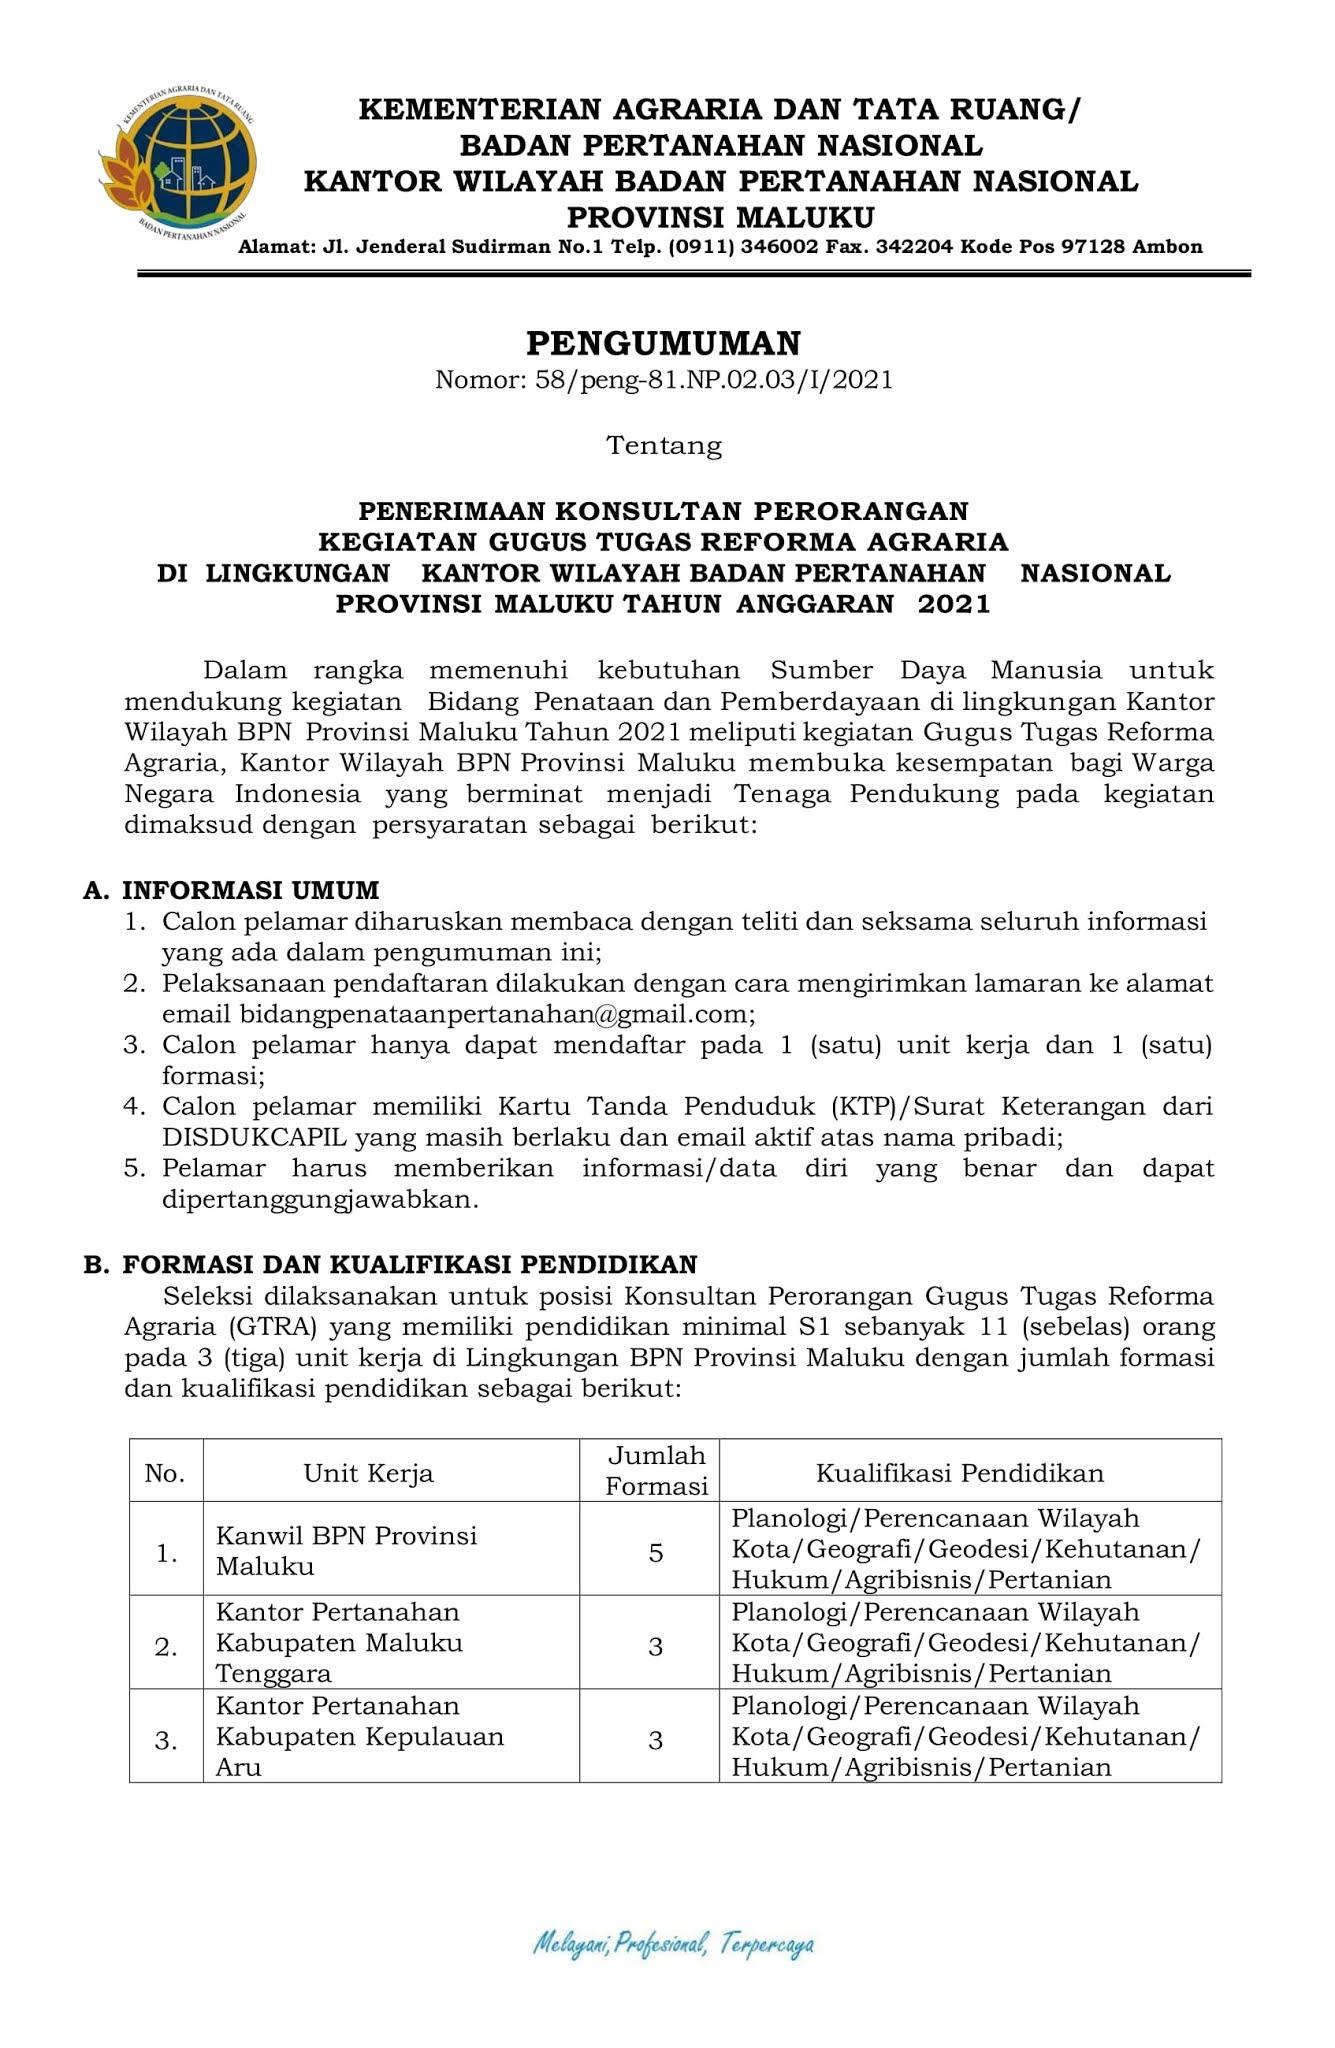 Tenaga Pendukung Kementerian ATR/BPN Februari 2021